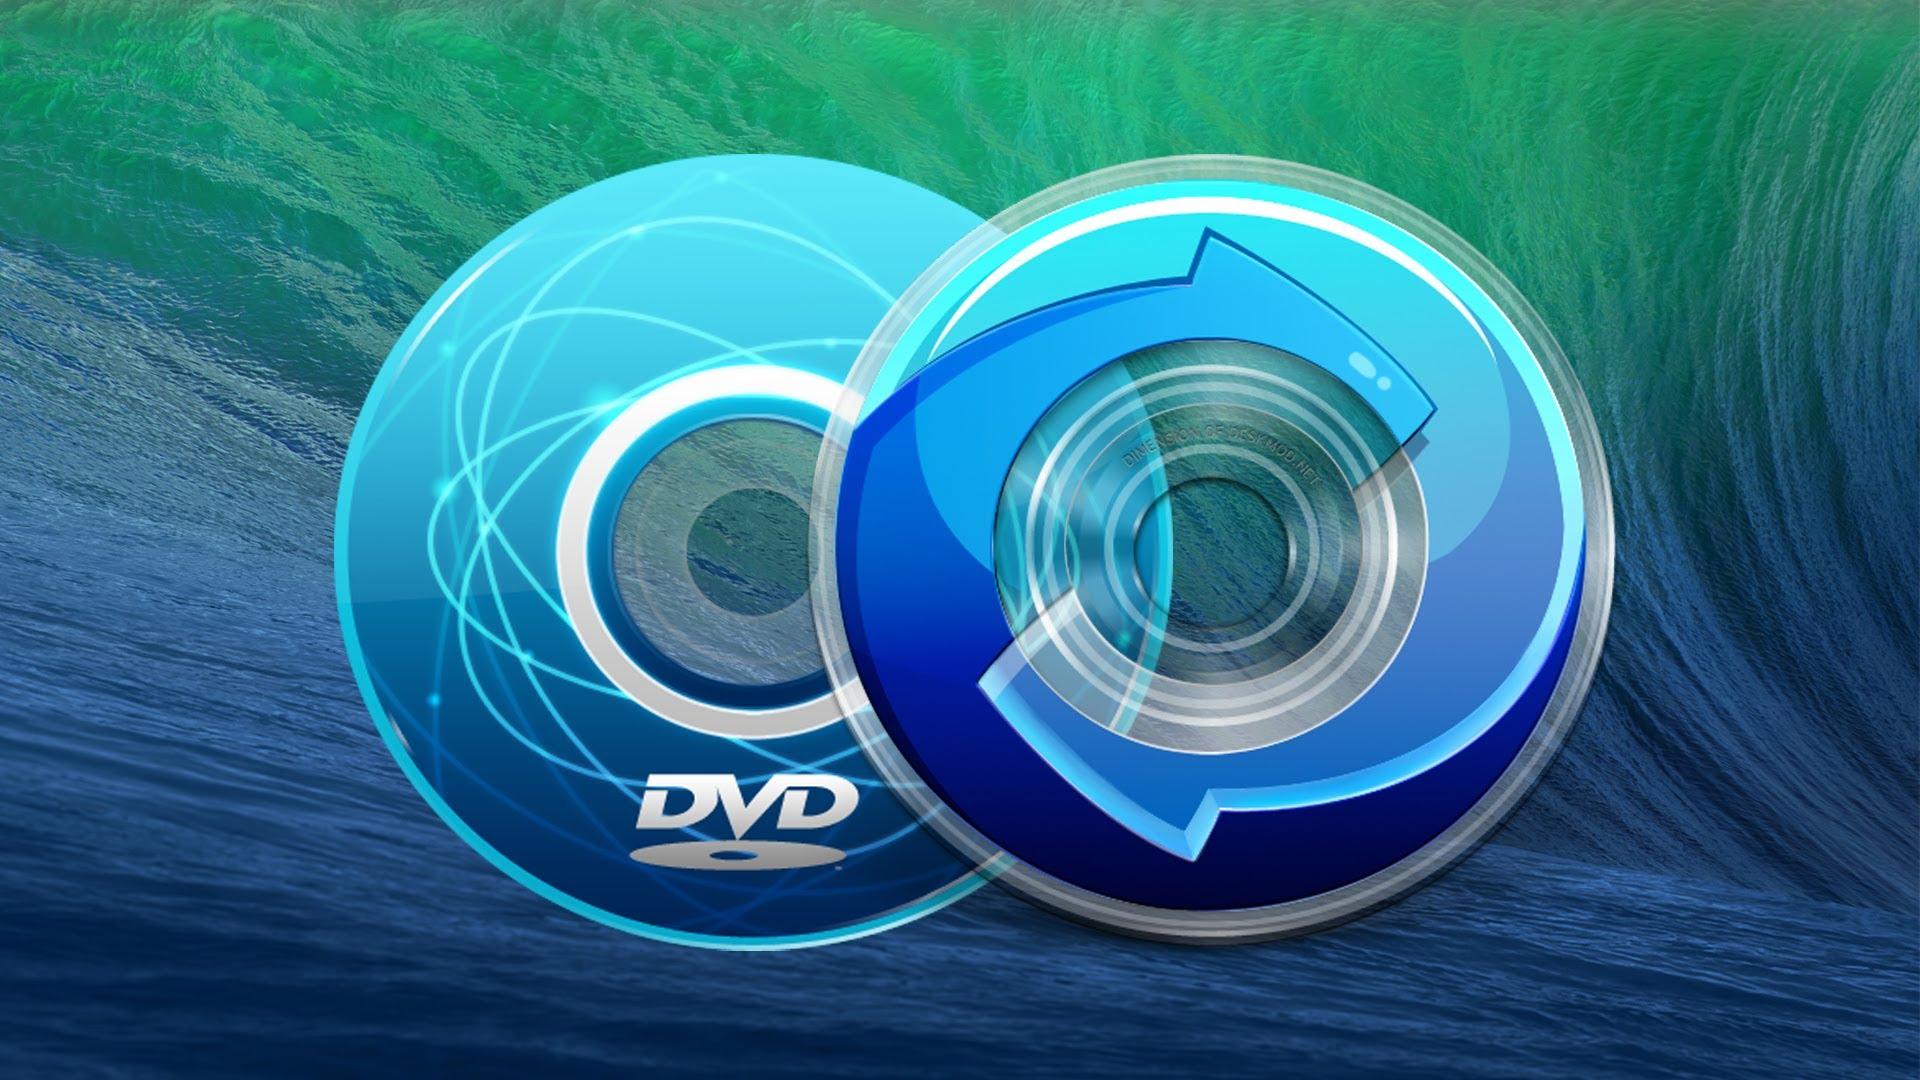 MacX DVD vcuae